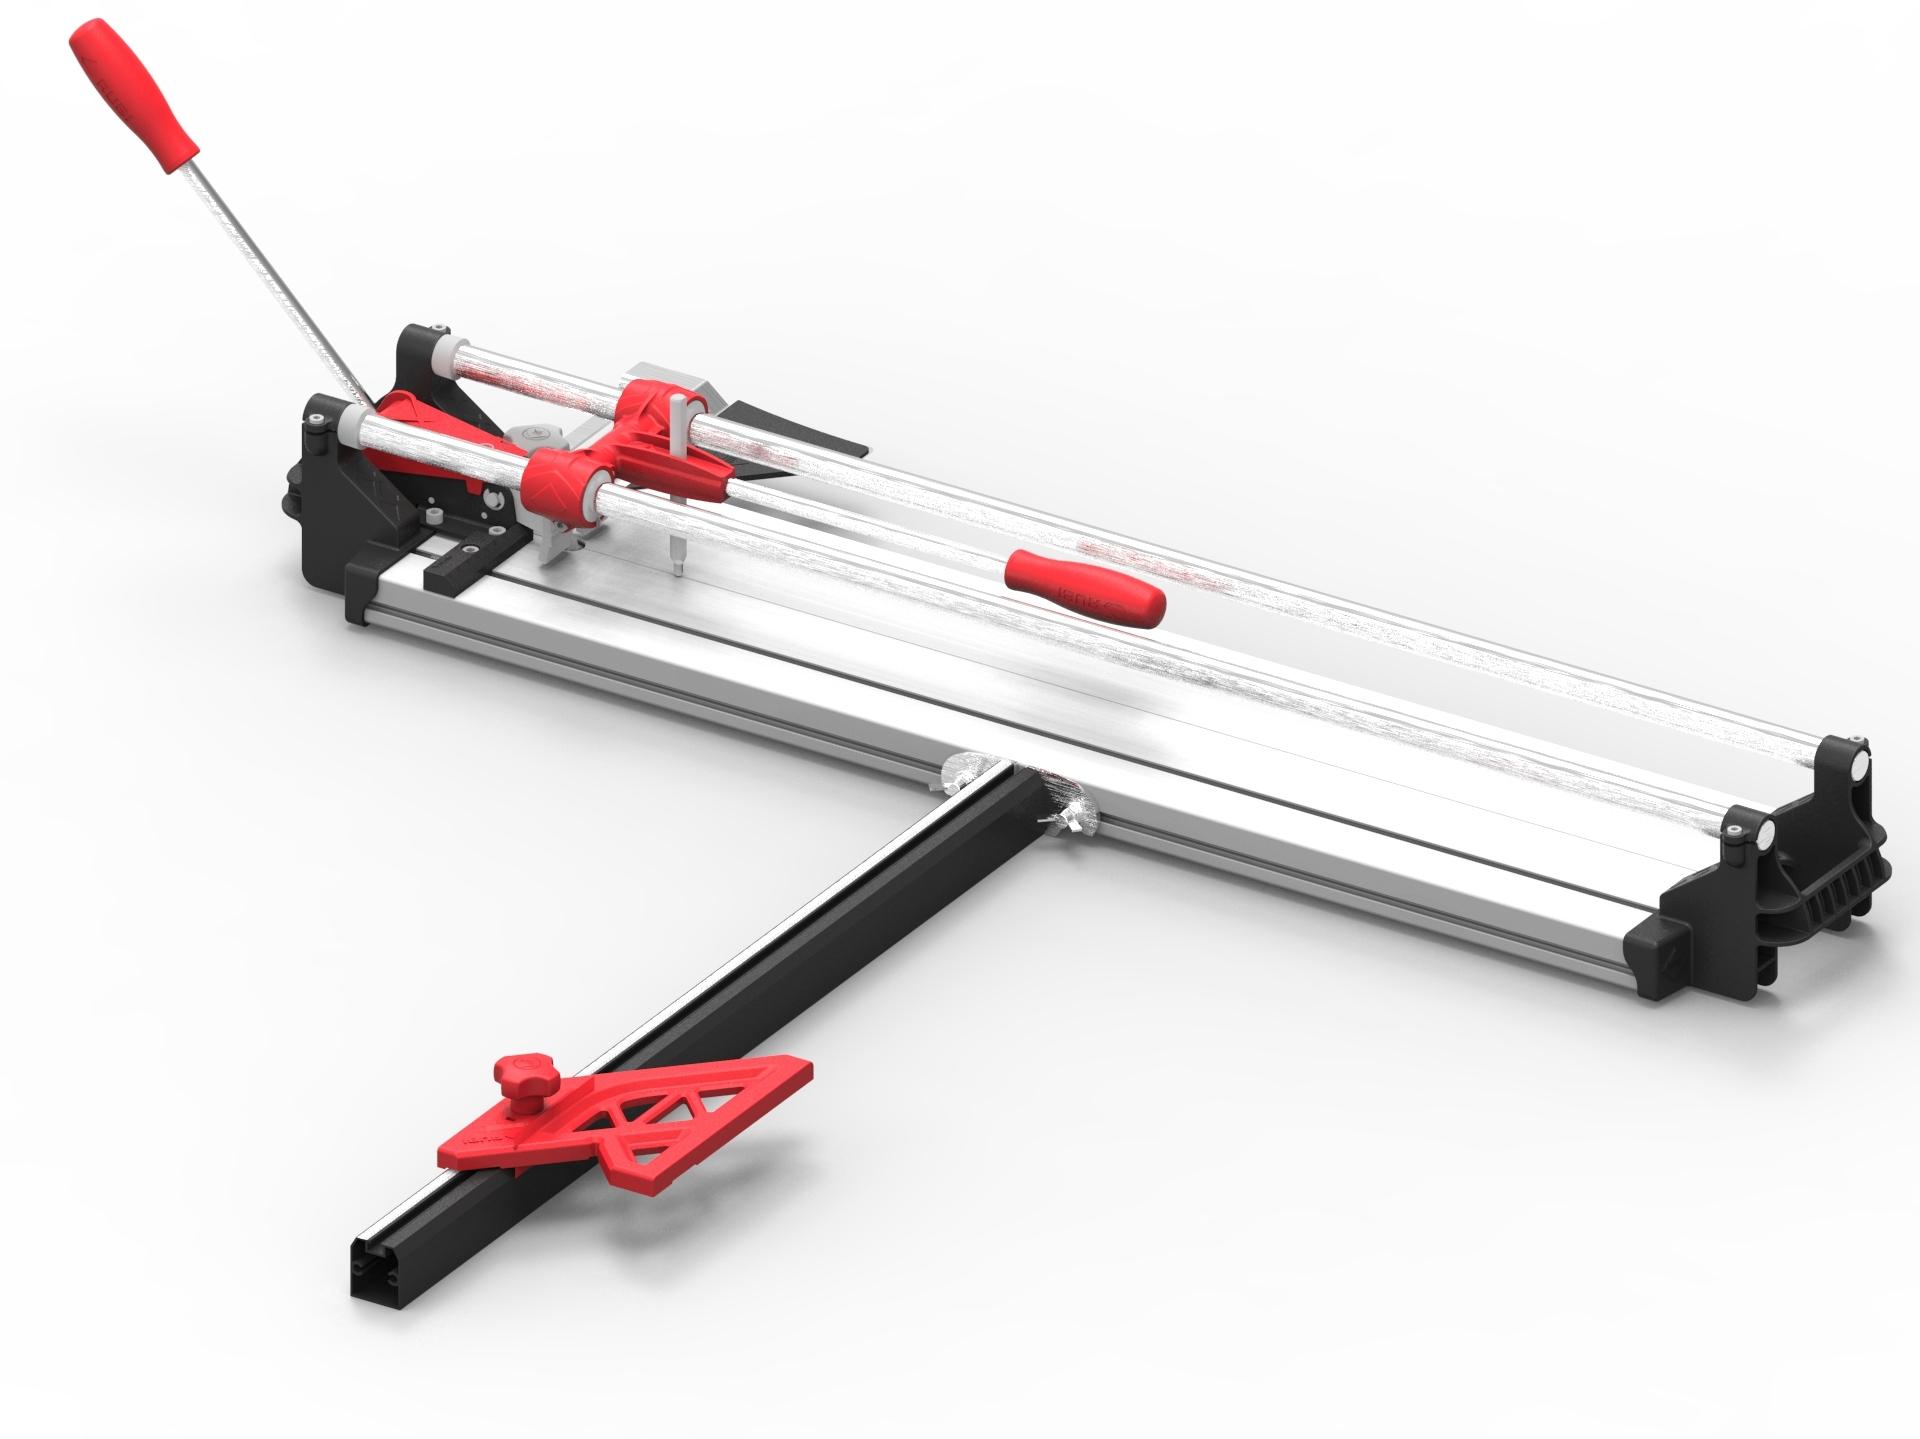 Máy cắt gạch Rubi K-180 (máy cũ còn mới 90%)